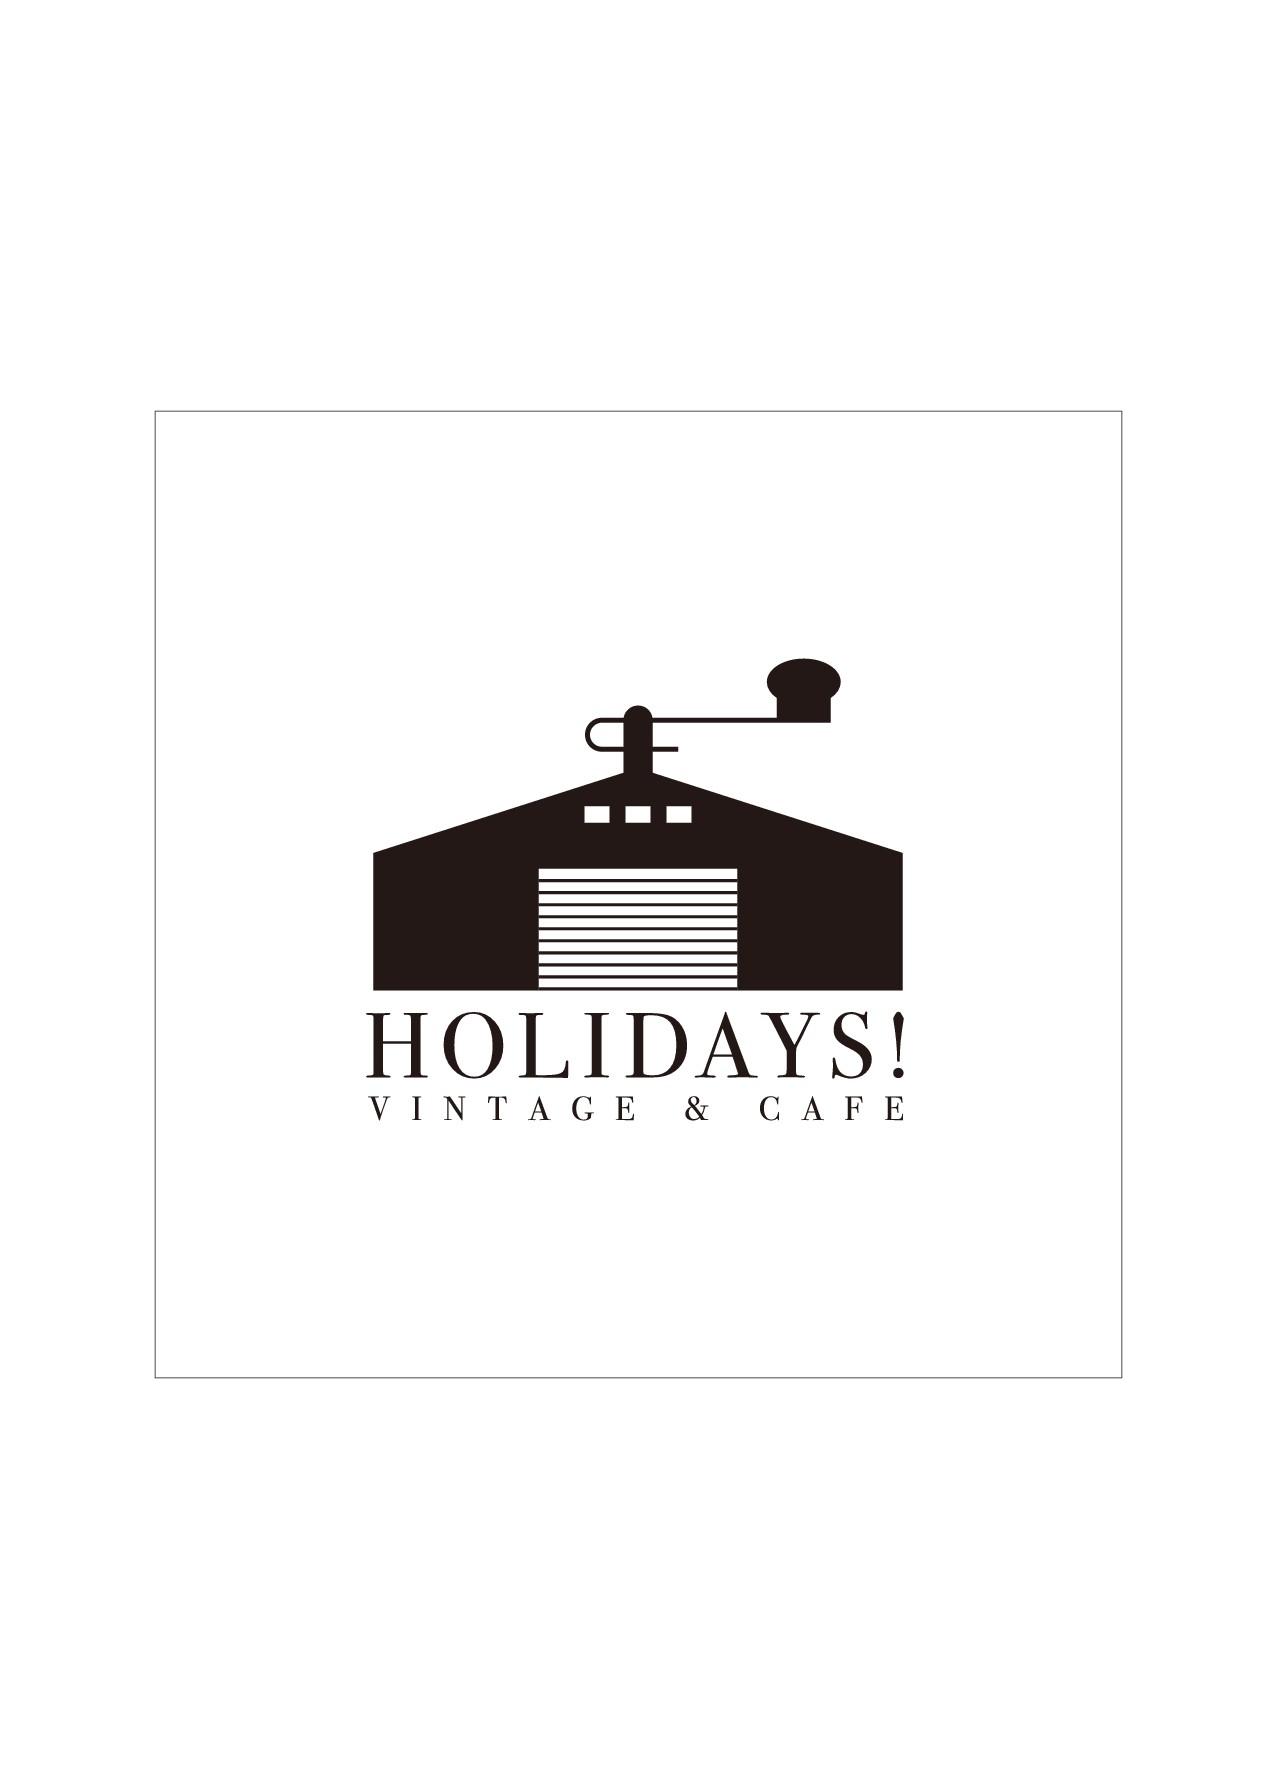 福岡県糸島市で倉庫を利用したカフェ「HOLIDAYS!」のロゴ